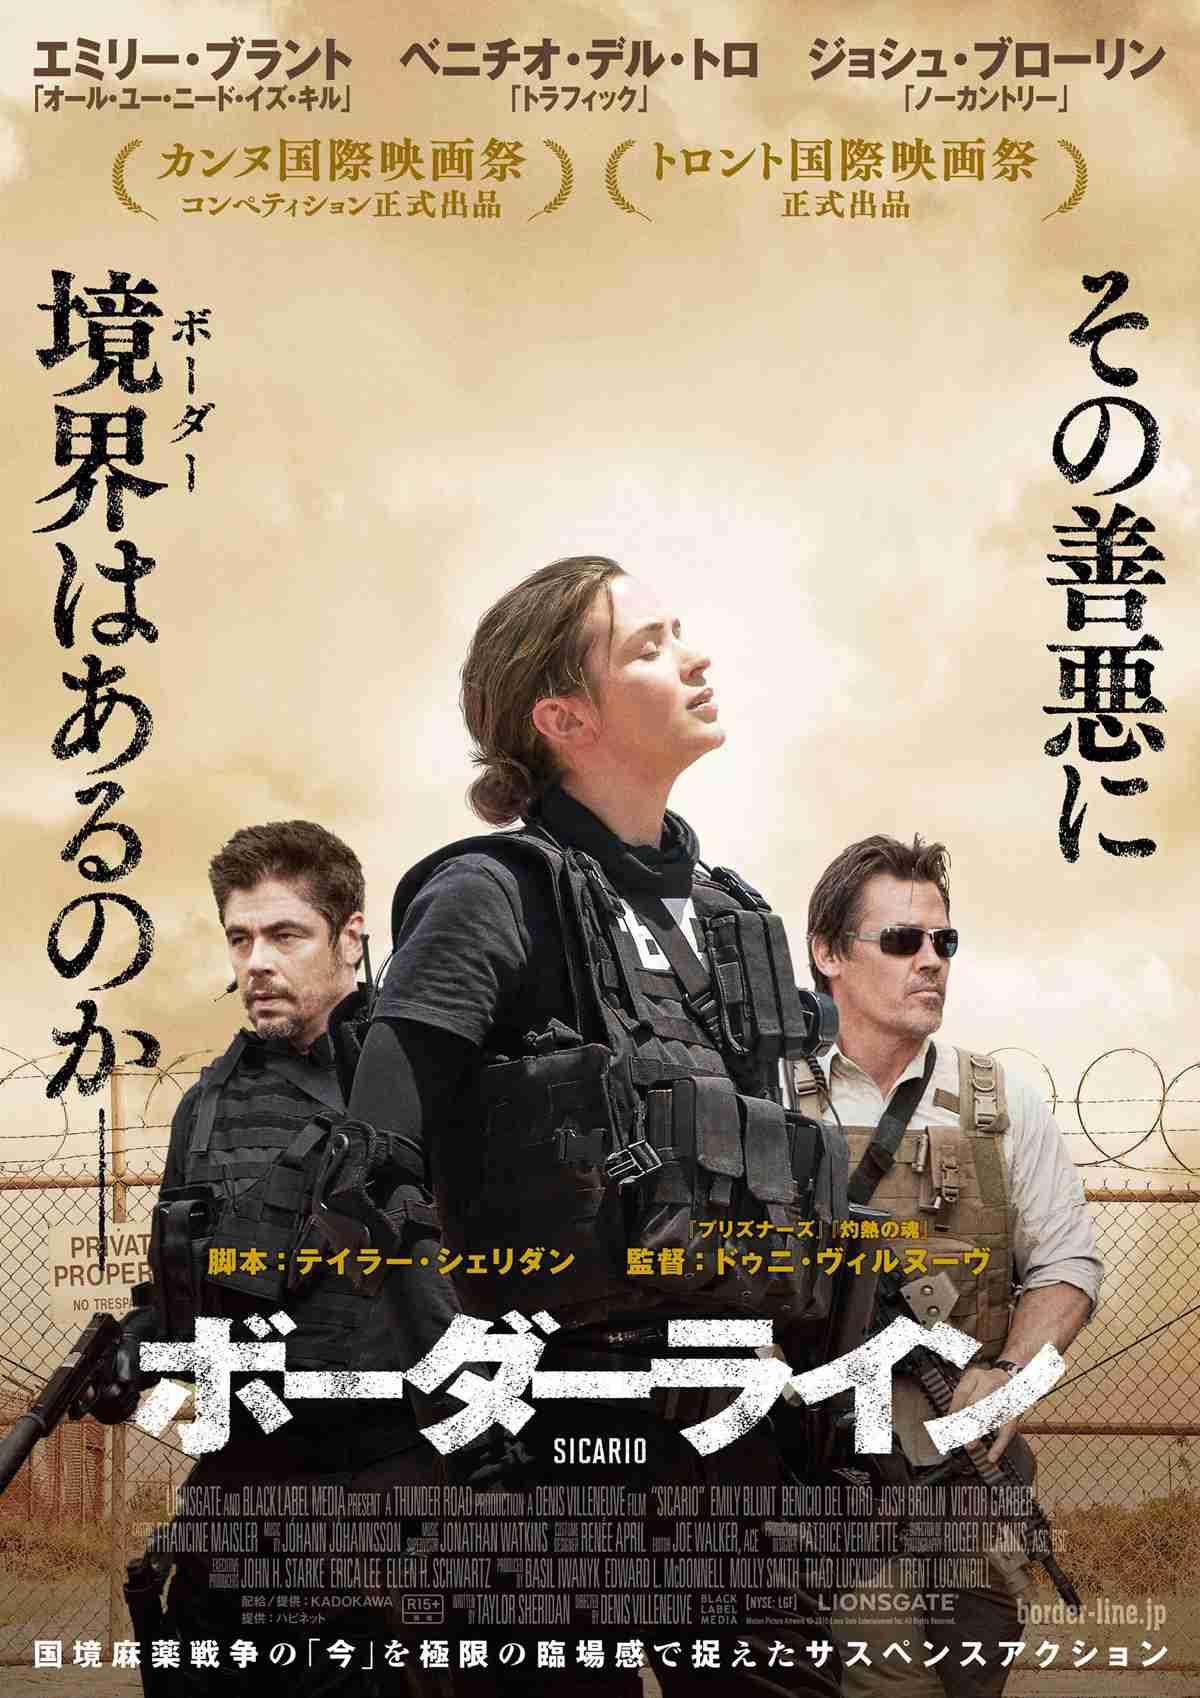 ボーダーライン - 作品 - Yahoo!映画